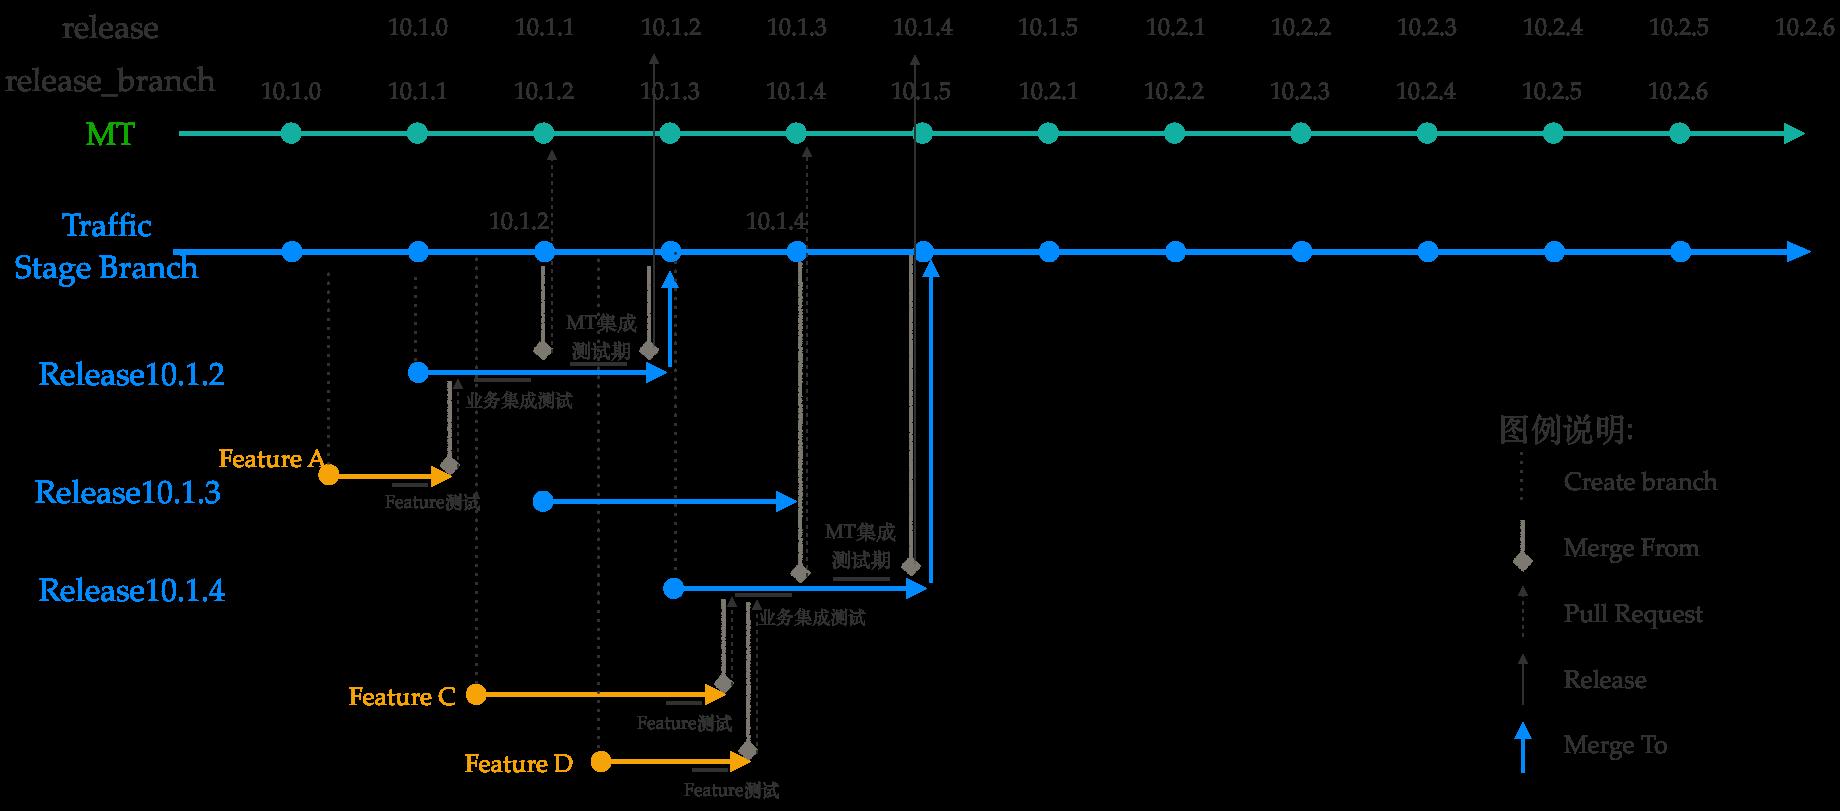 交通业务单周发版分支管理模型示意图